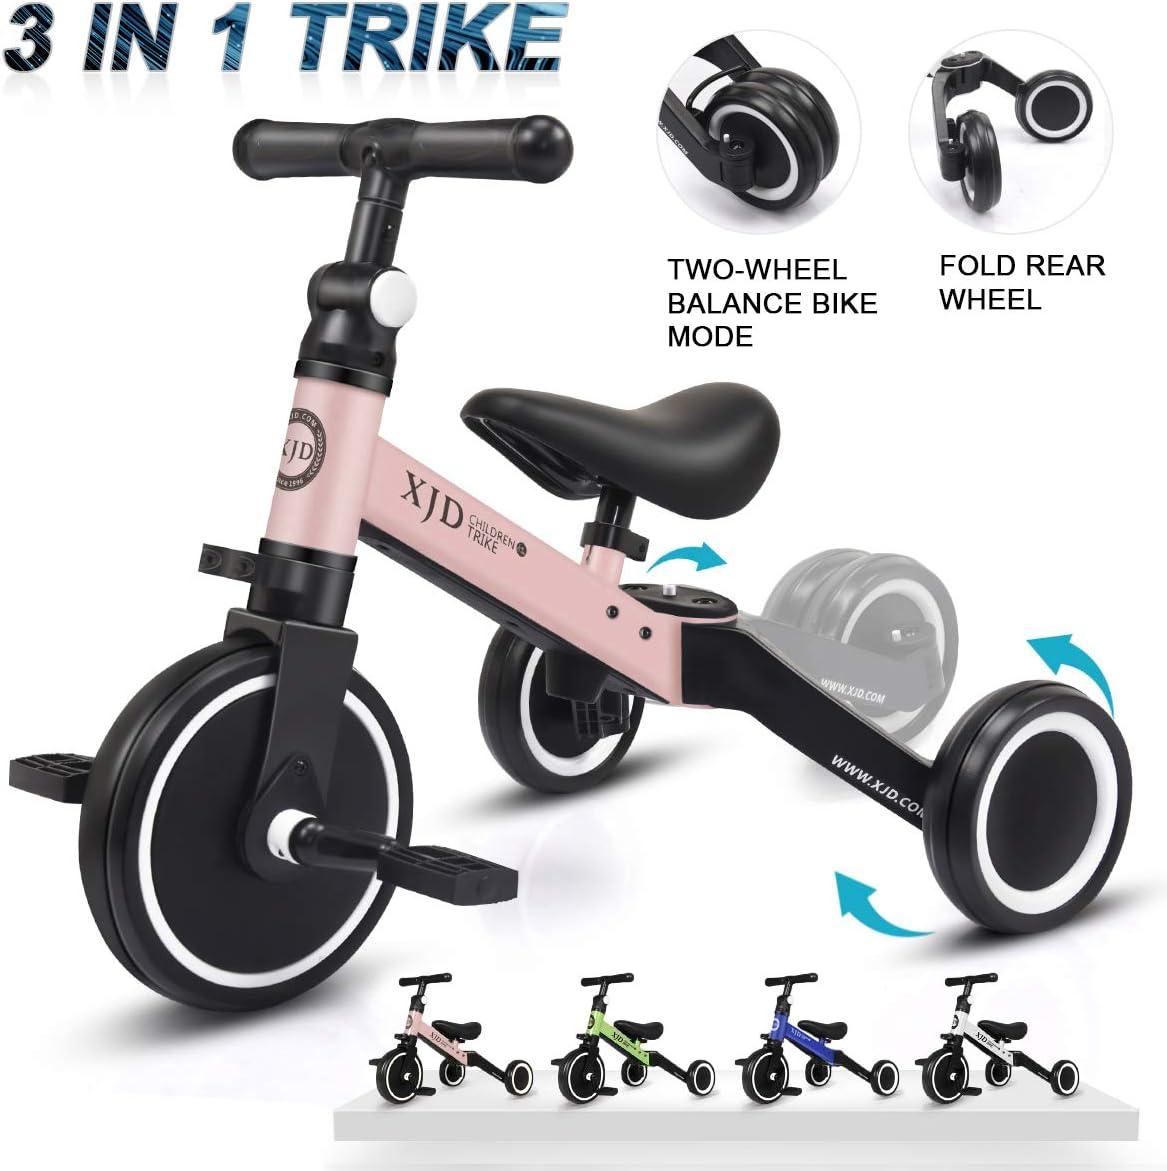 XJD 3 en 1 Triciclo para Niños con Pedales Ligero y Plegable Triciclo Bicicleta para Niño y Niña de 2 a 4 años con CE Certificación con Bolsa de Transporte (Rosa Claro)